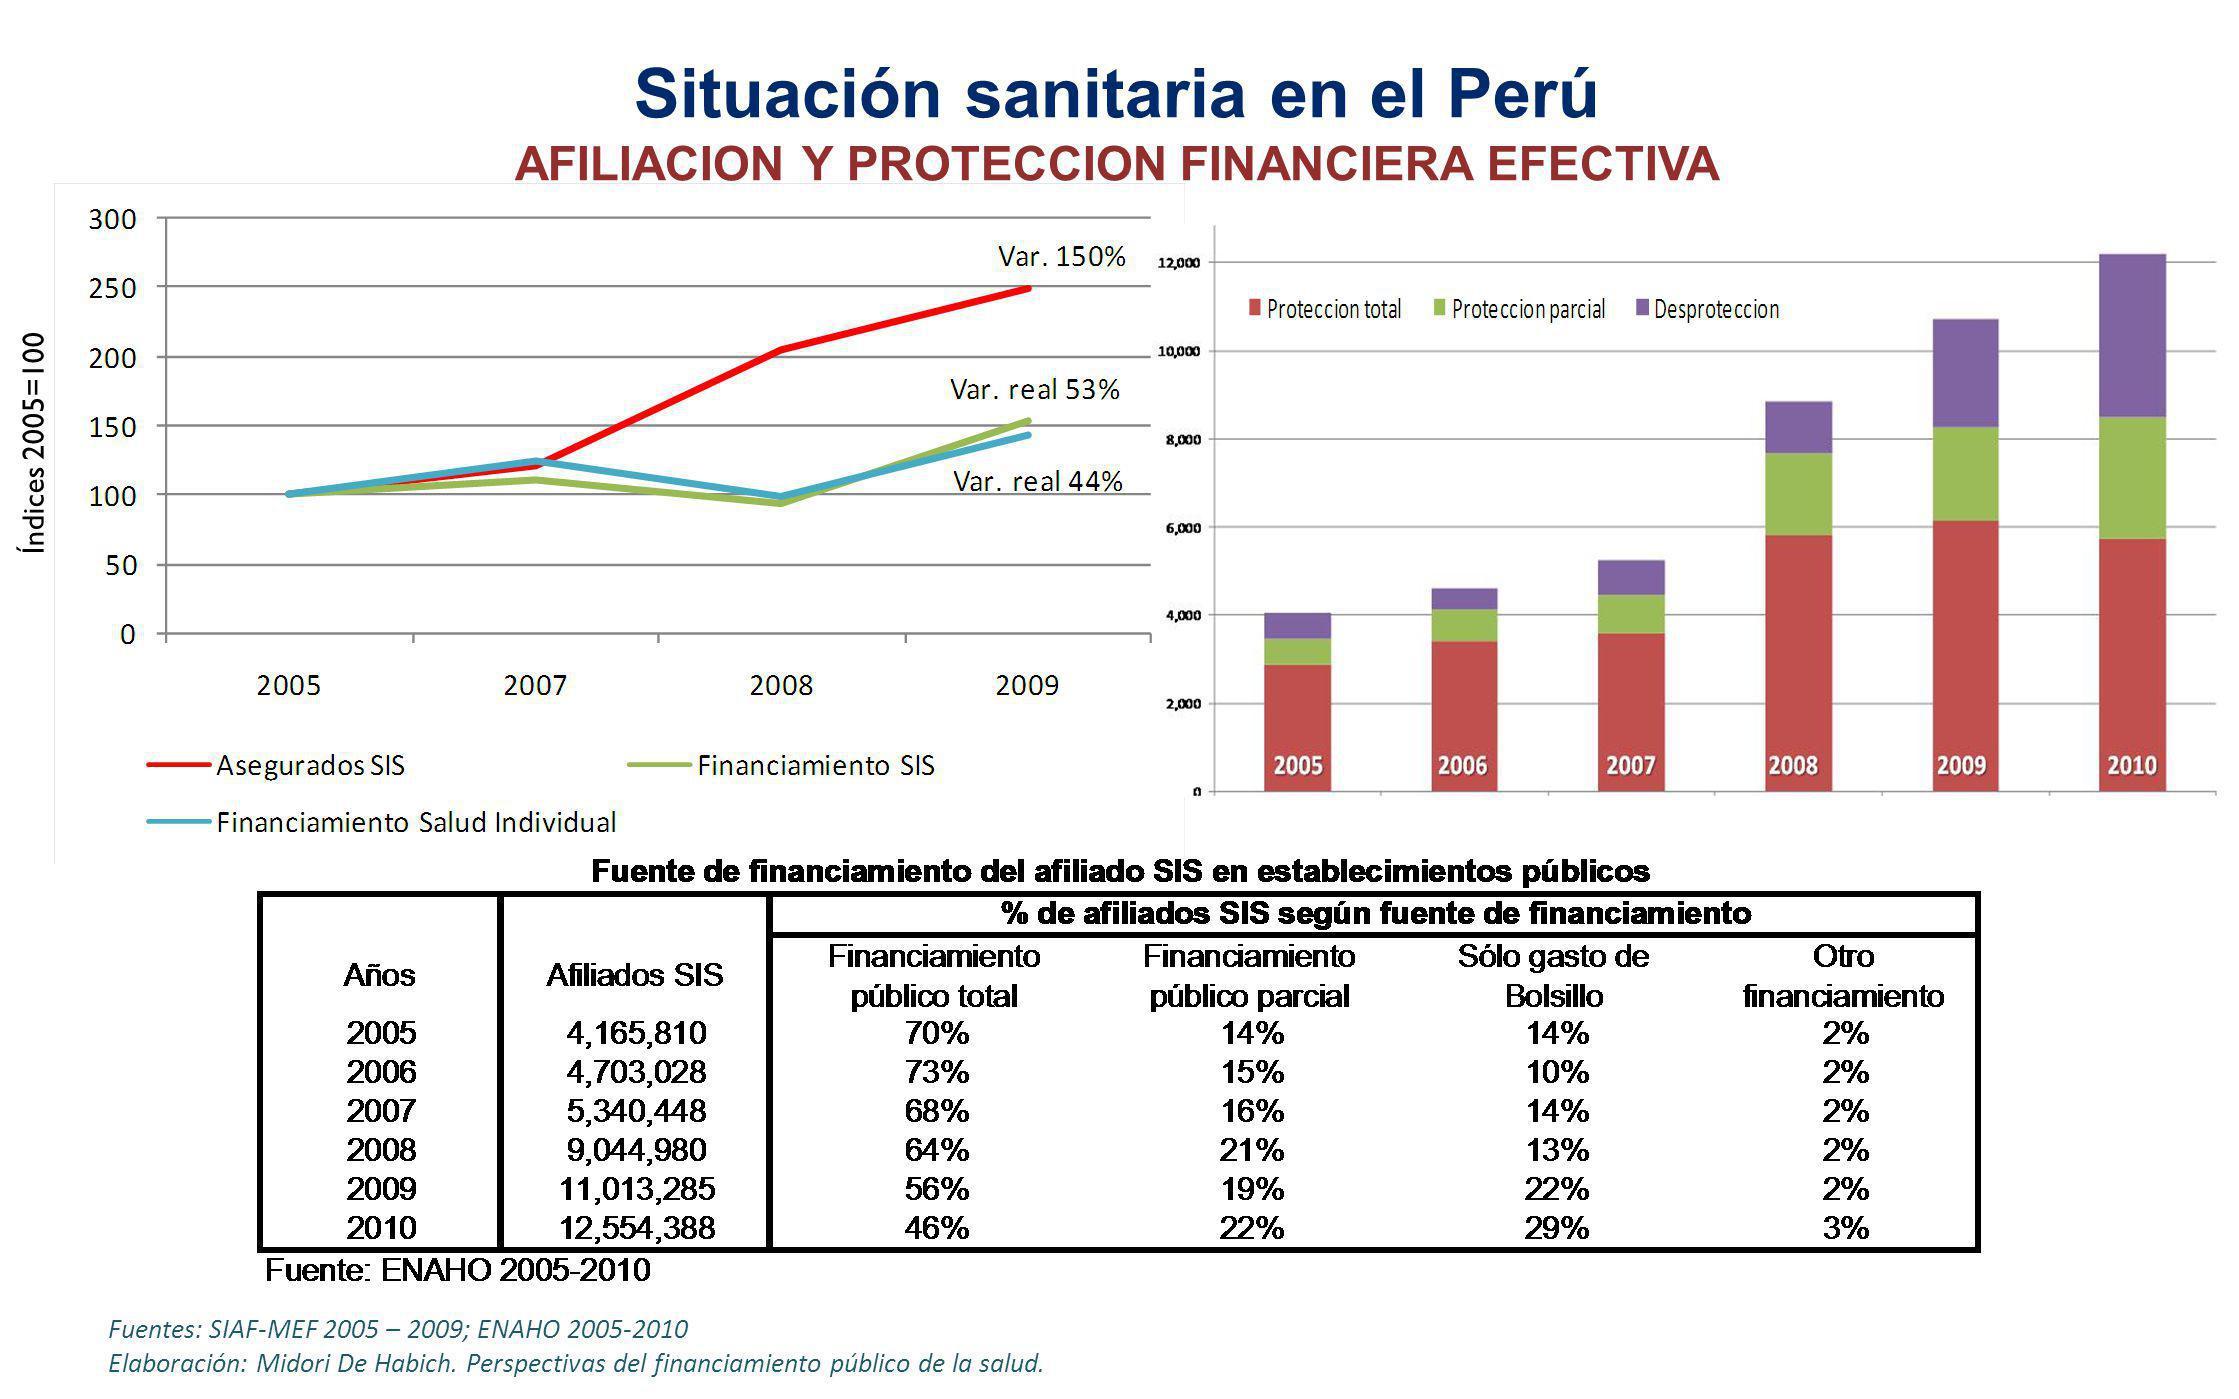 Situación sanitaria en el Perú